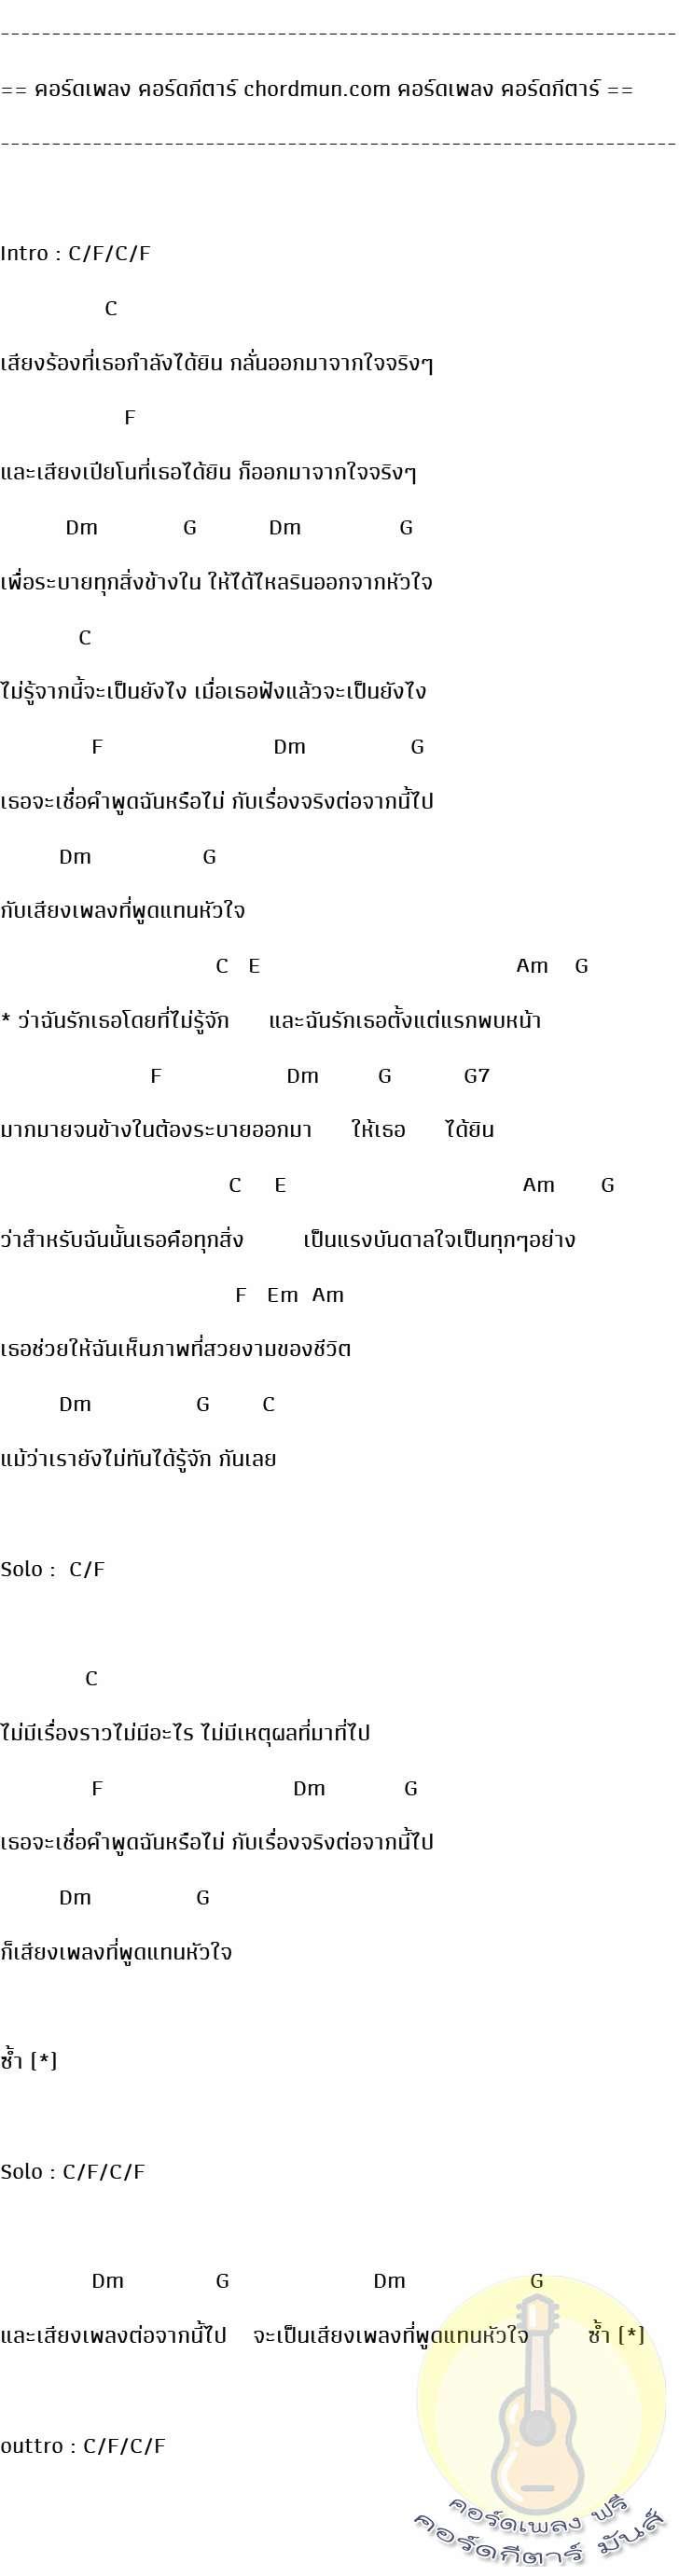 คอร์ดกีตาร์ ง่าย  เพลง เรื่องจริง (เพลงประกอบโฆษณา Canon)